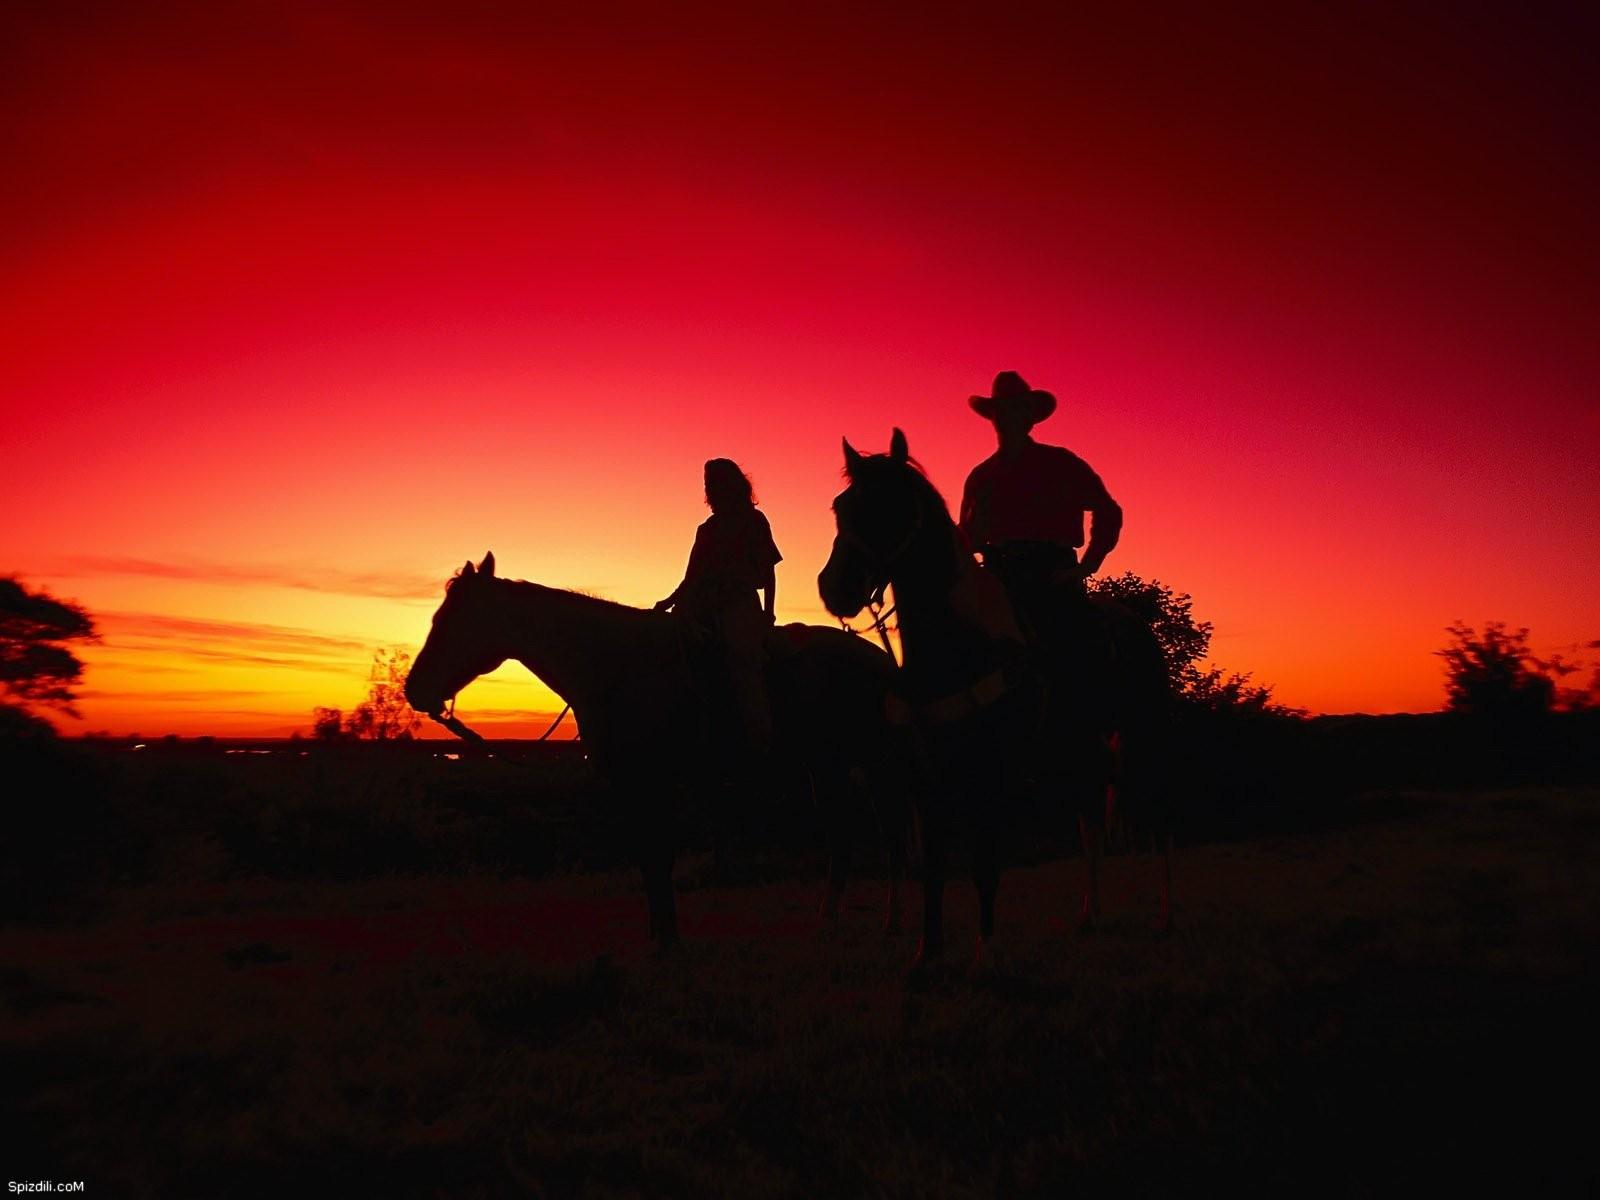 western et cowboys   Page 5 1600x1200